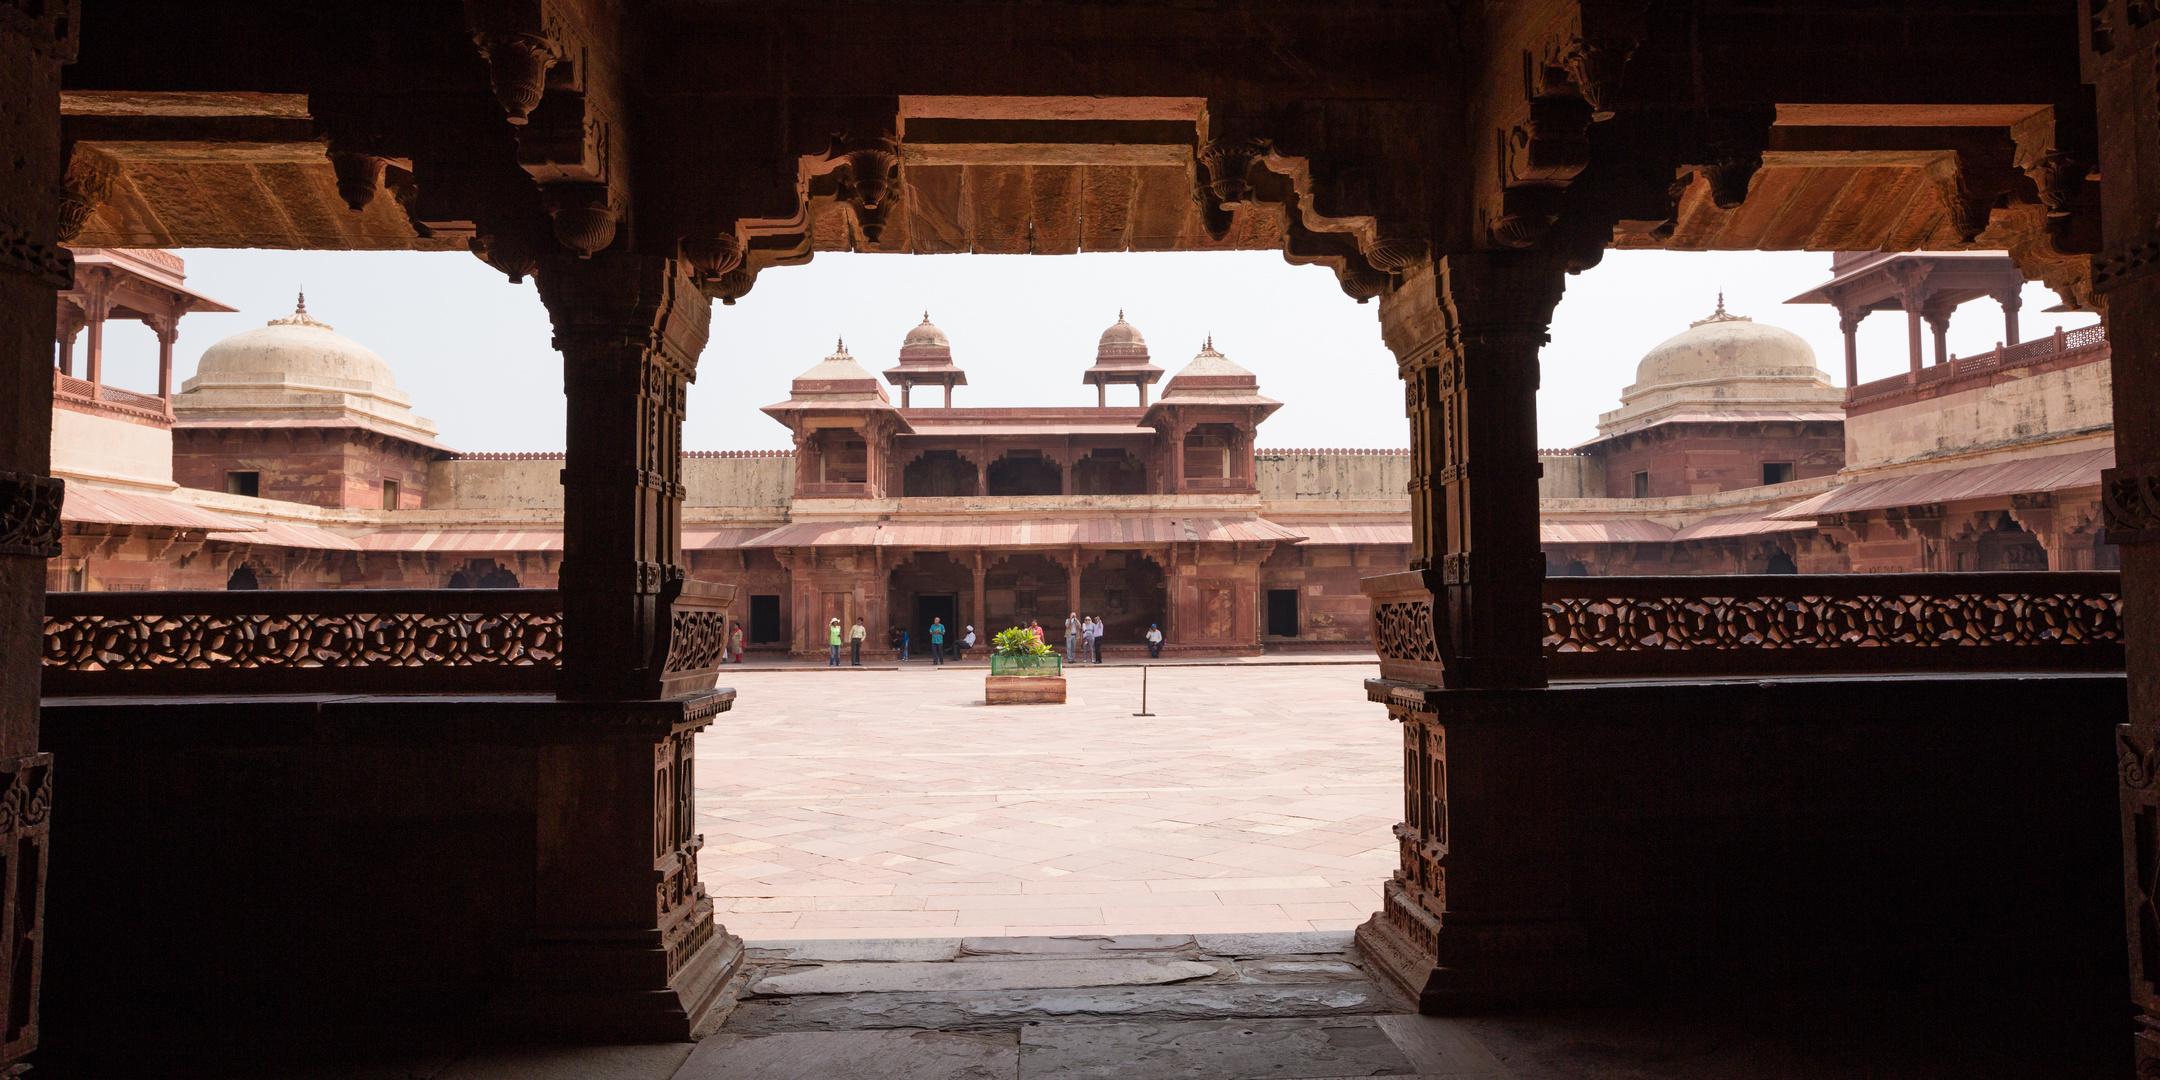 Palastanlage Fatehpur Sikri: Der Jodh Bai-Palast